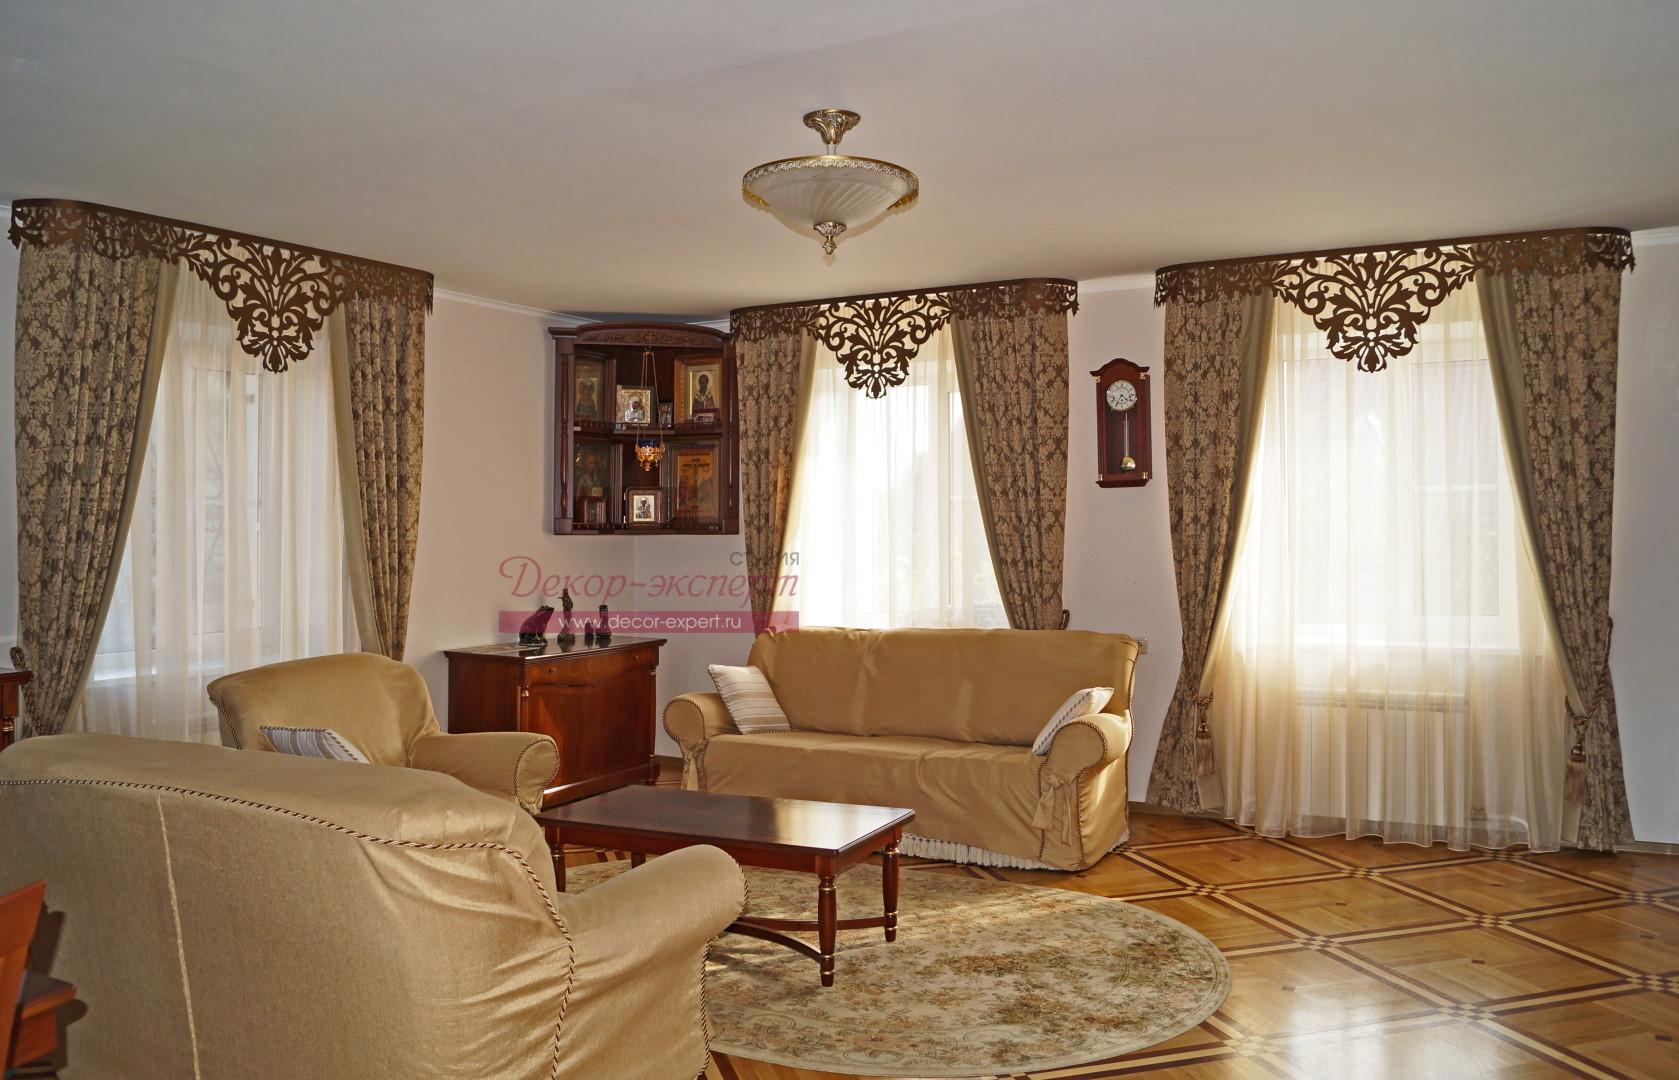 Общий вид на три окна со шторами и ажурными ламбрекенами в гостиной.